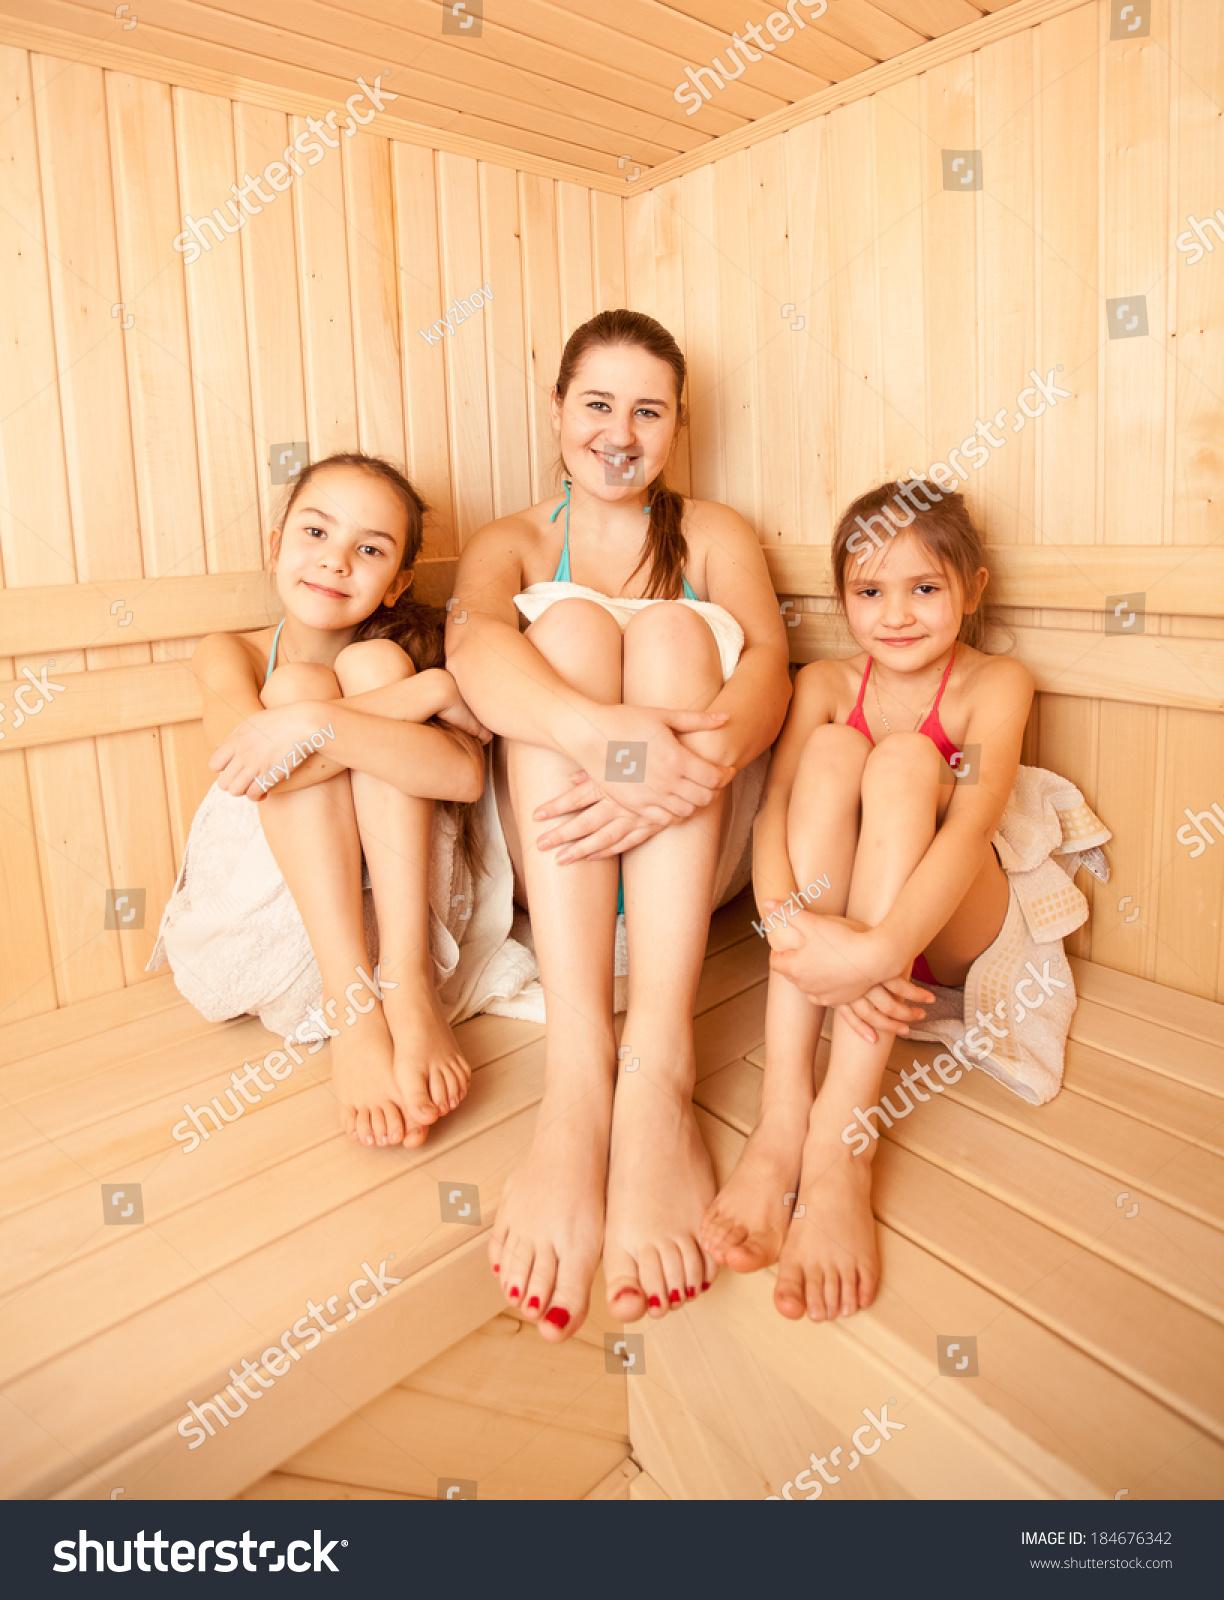 фото нудисты мамы с детьми в бане № 1067614 бесплатно